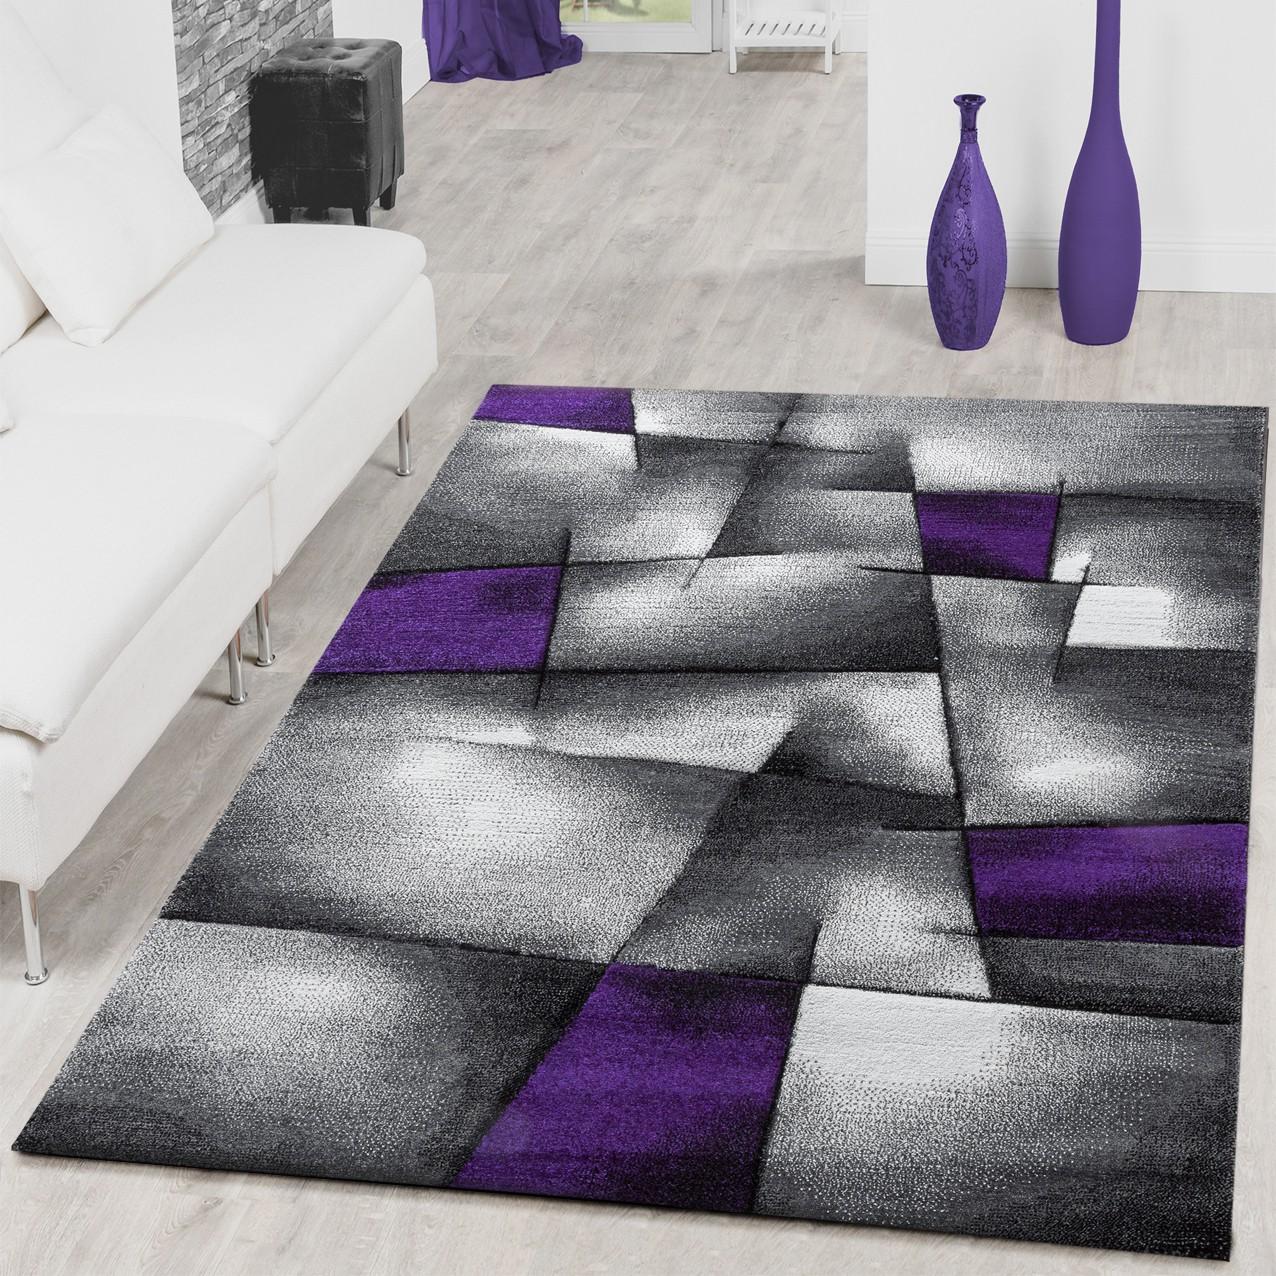 Teppich Wohnzimmer Madeira Karo Lila Grau AUSVERKAUF